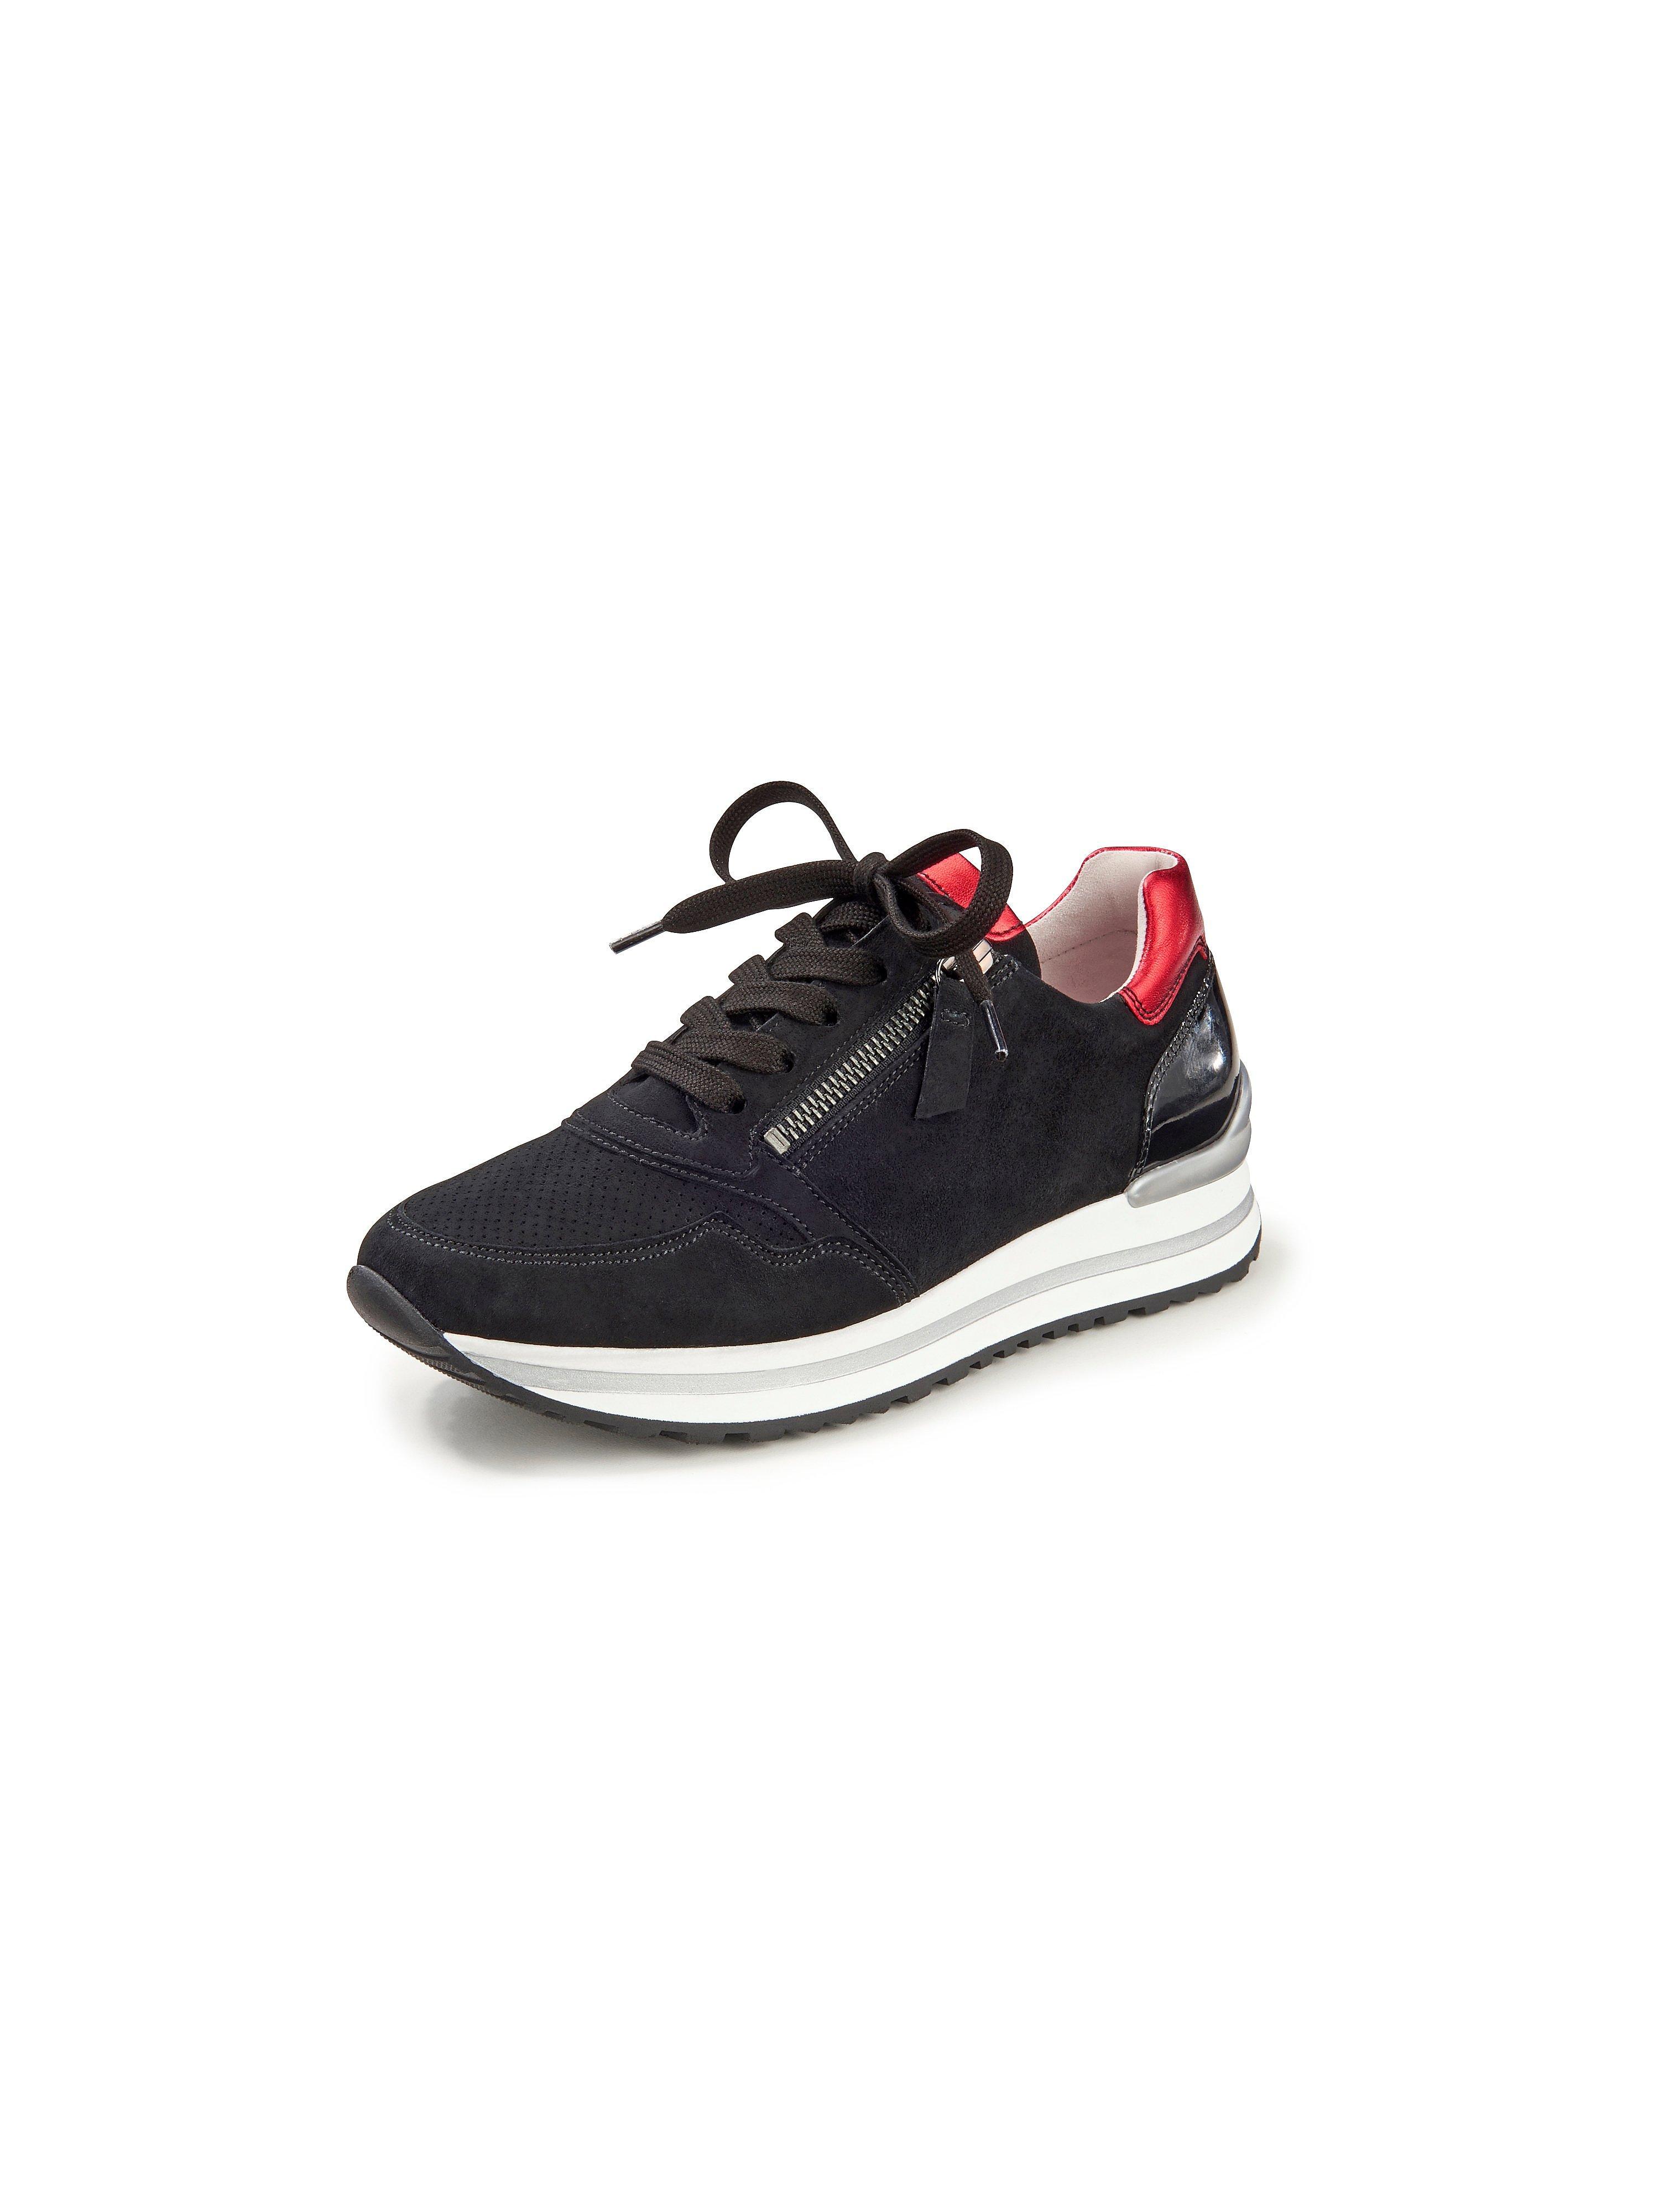 Soft kidskin suede sneakers Gabor Comfort black